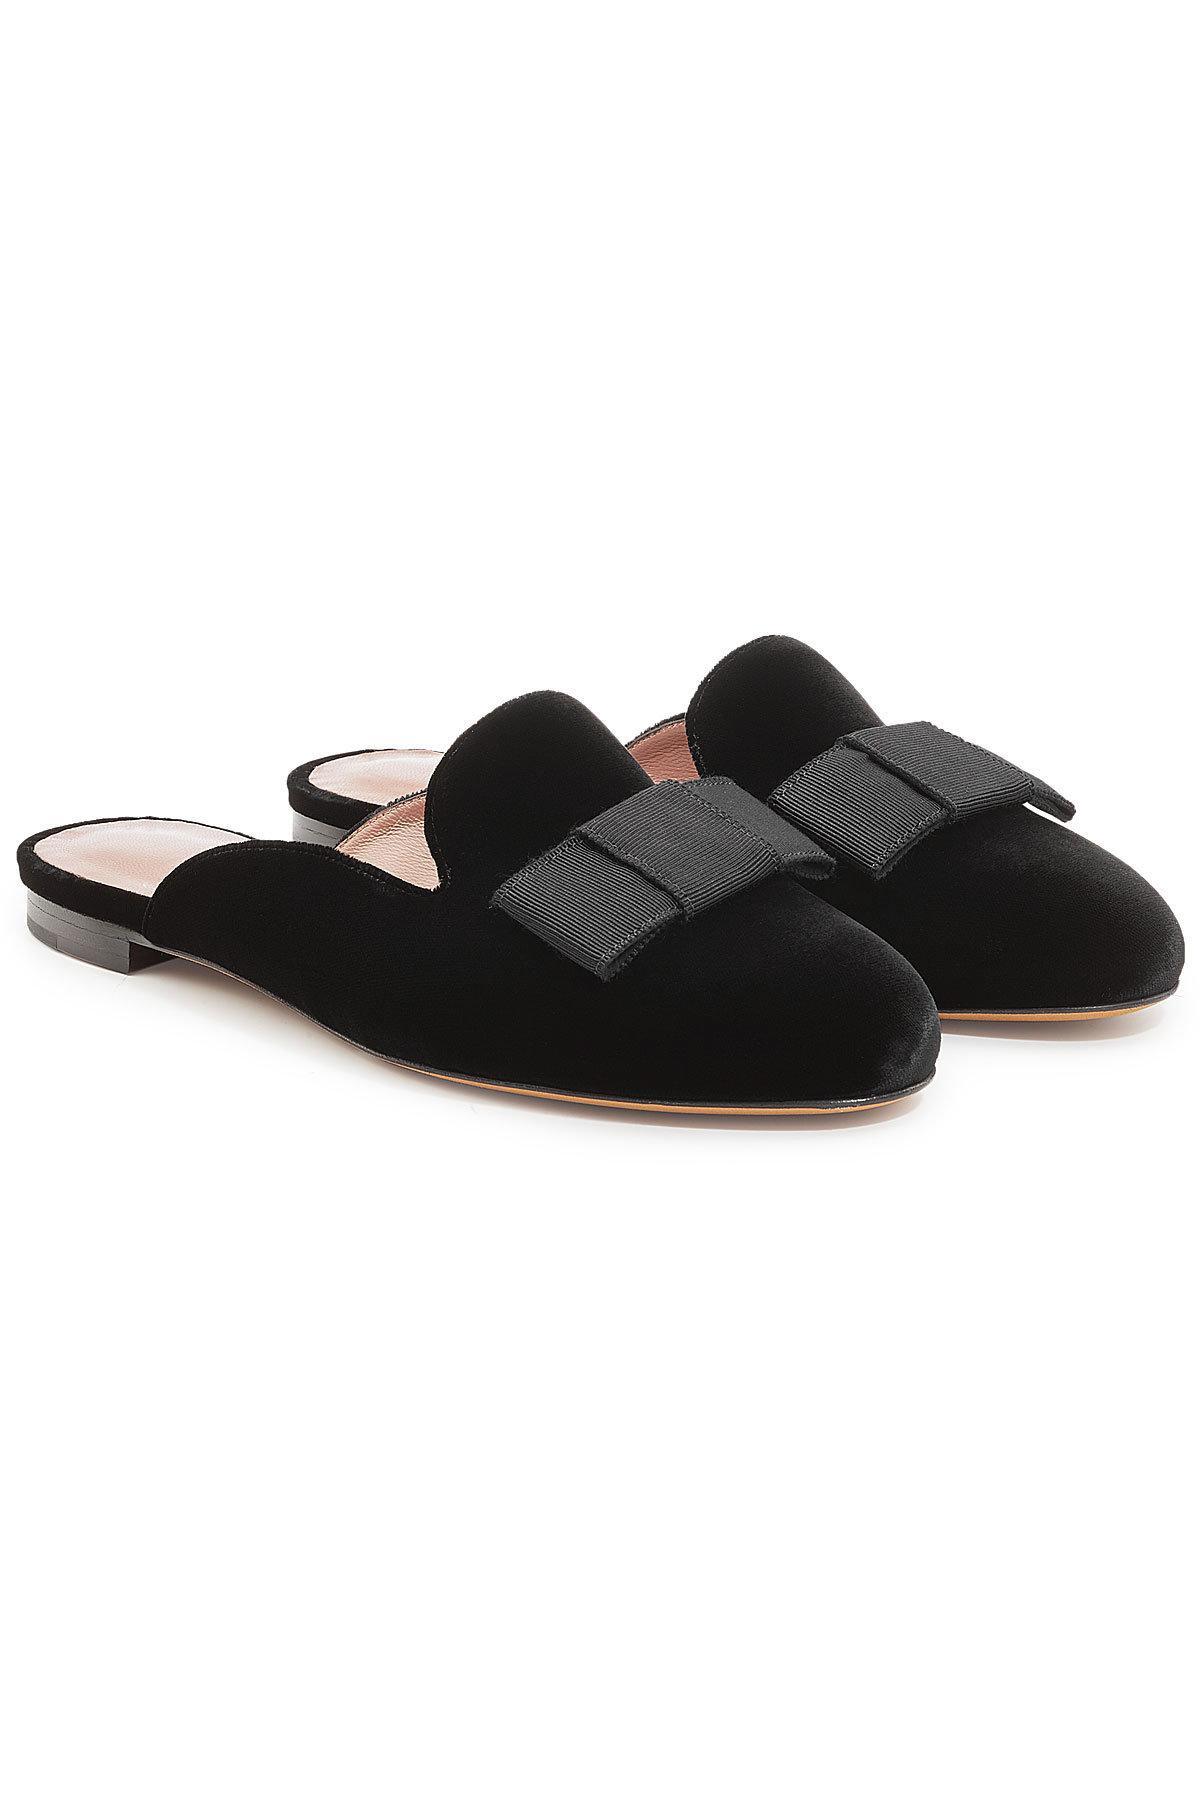 masha velvet mule slippers